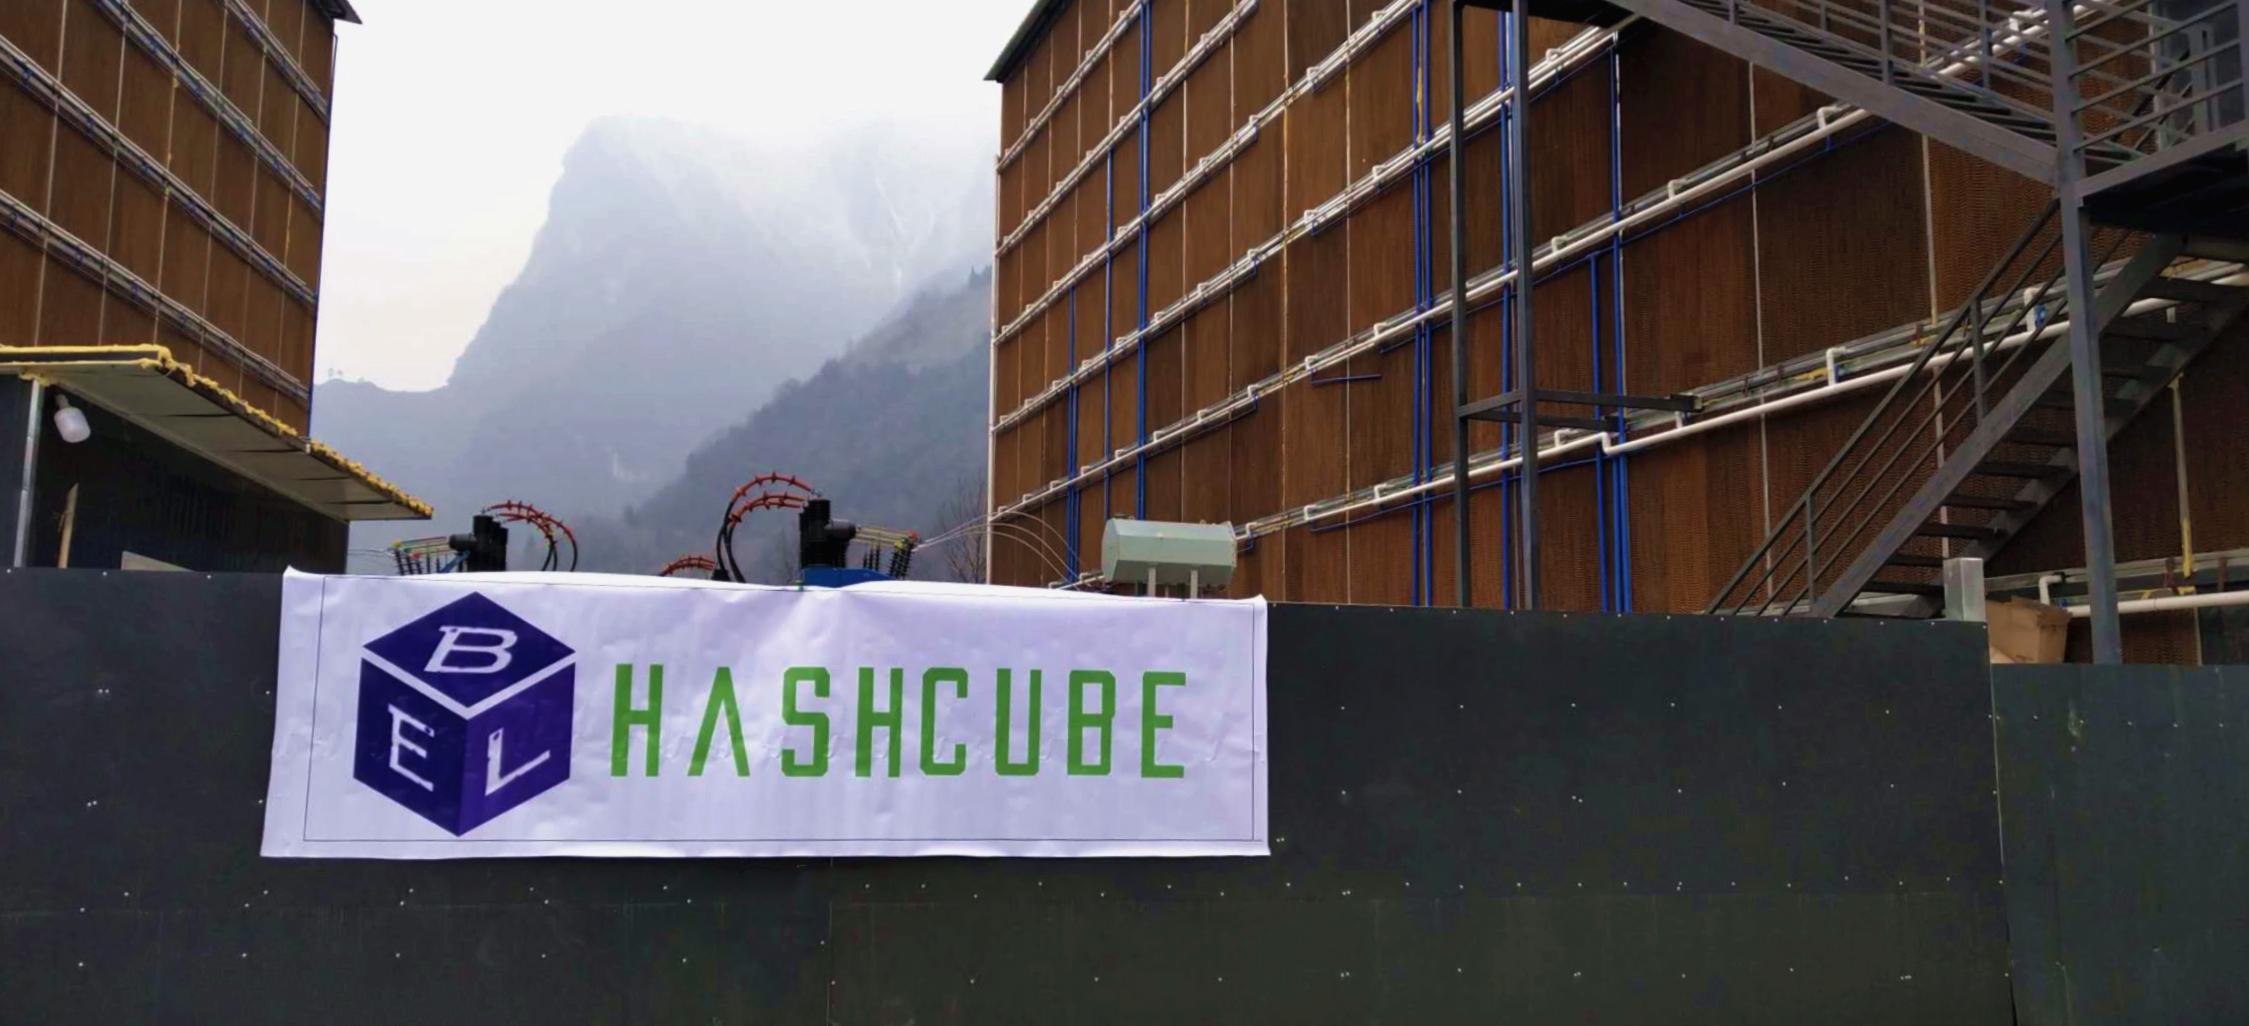 Hashcube Facility